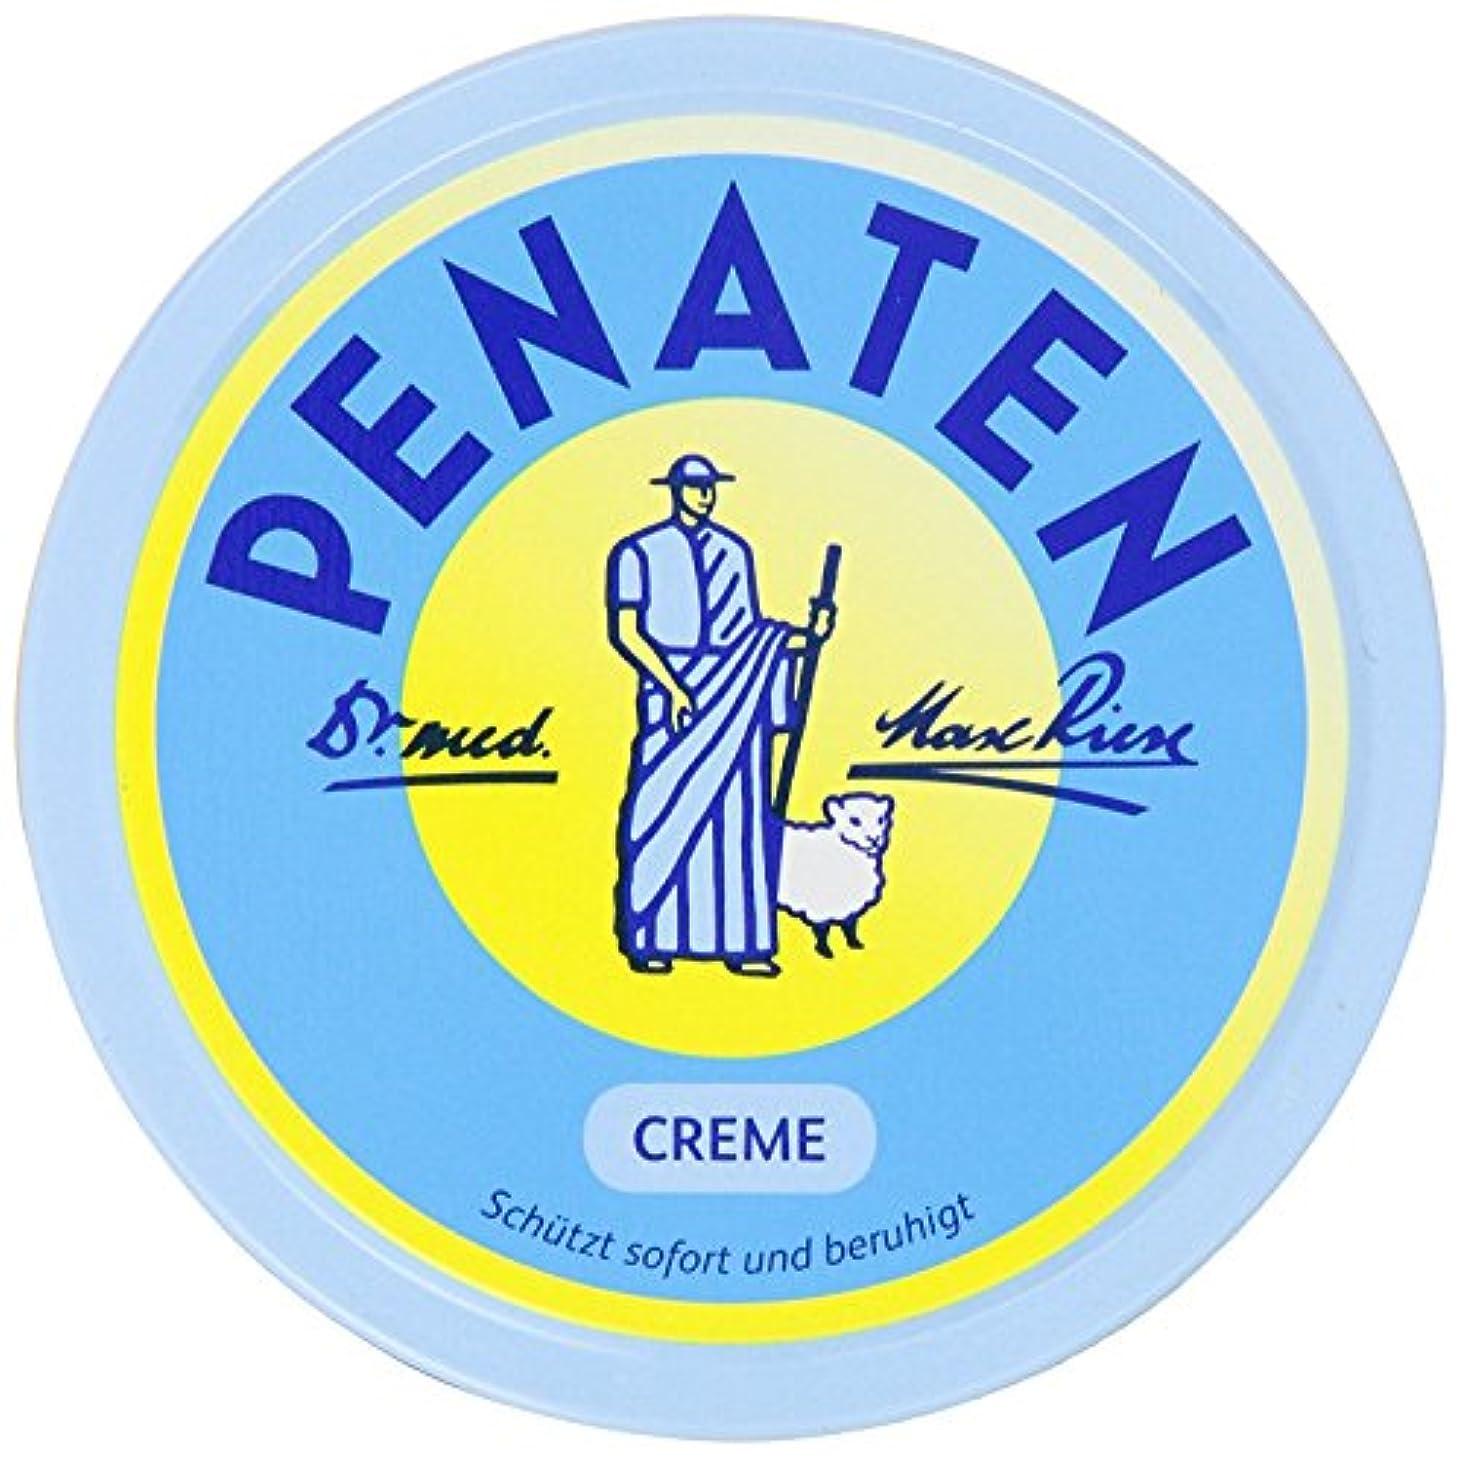 音楽を聴く枢機卿ご注意(ペナテン) Penaten Baby Creme 150 ml, 3er Pack (3 x 150 ml) (並行輸入品) shumaman